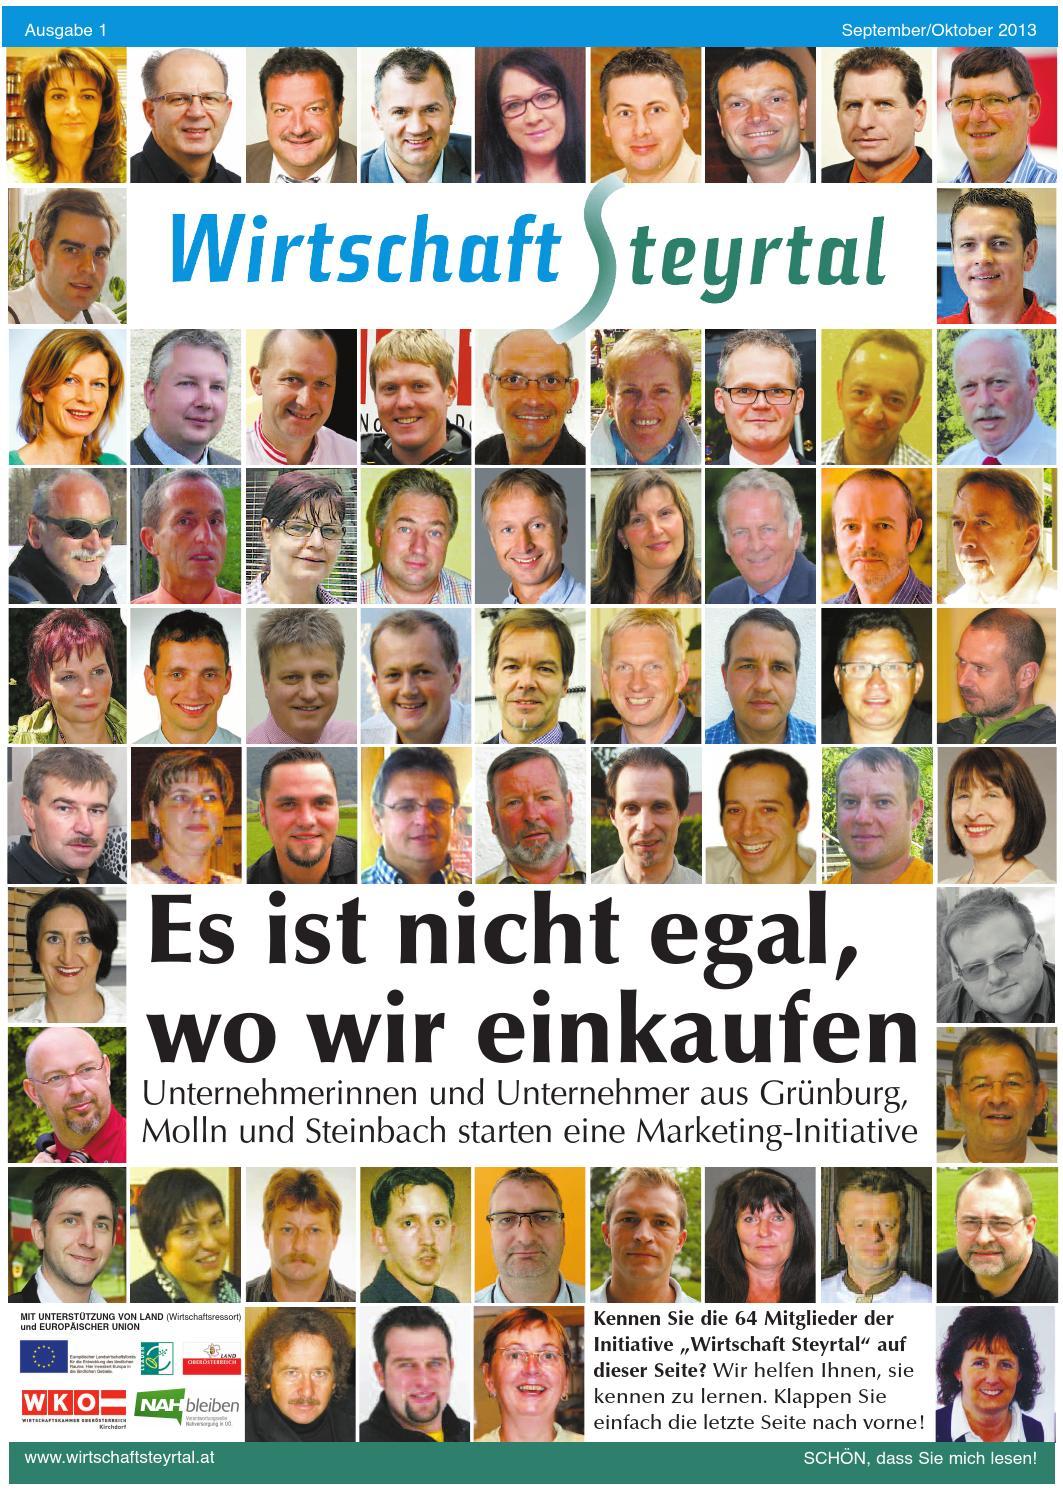 Junge leute kennenlernen aus grnburg: Freindorf single meine stadt